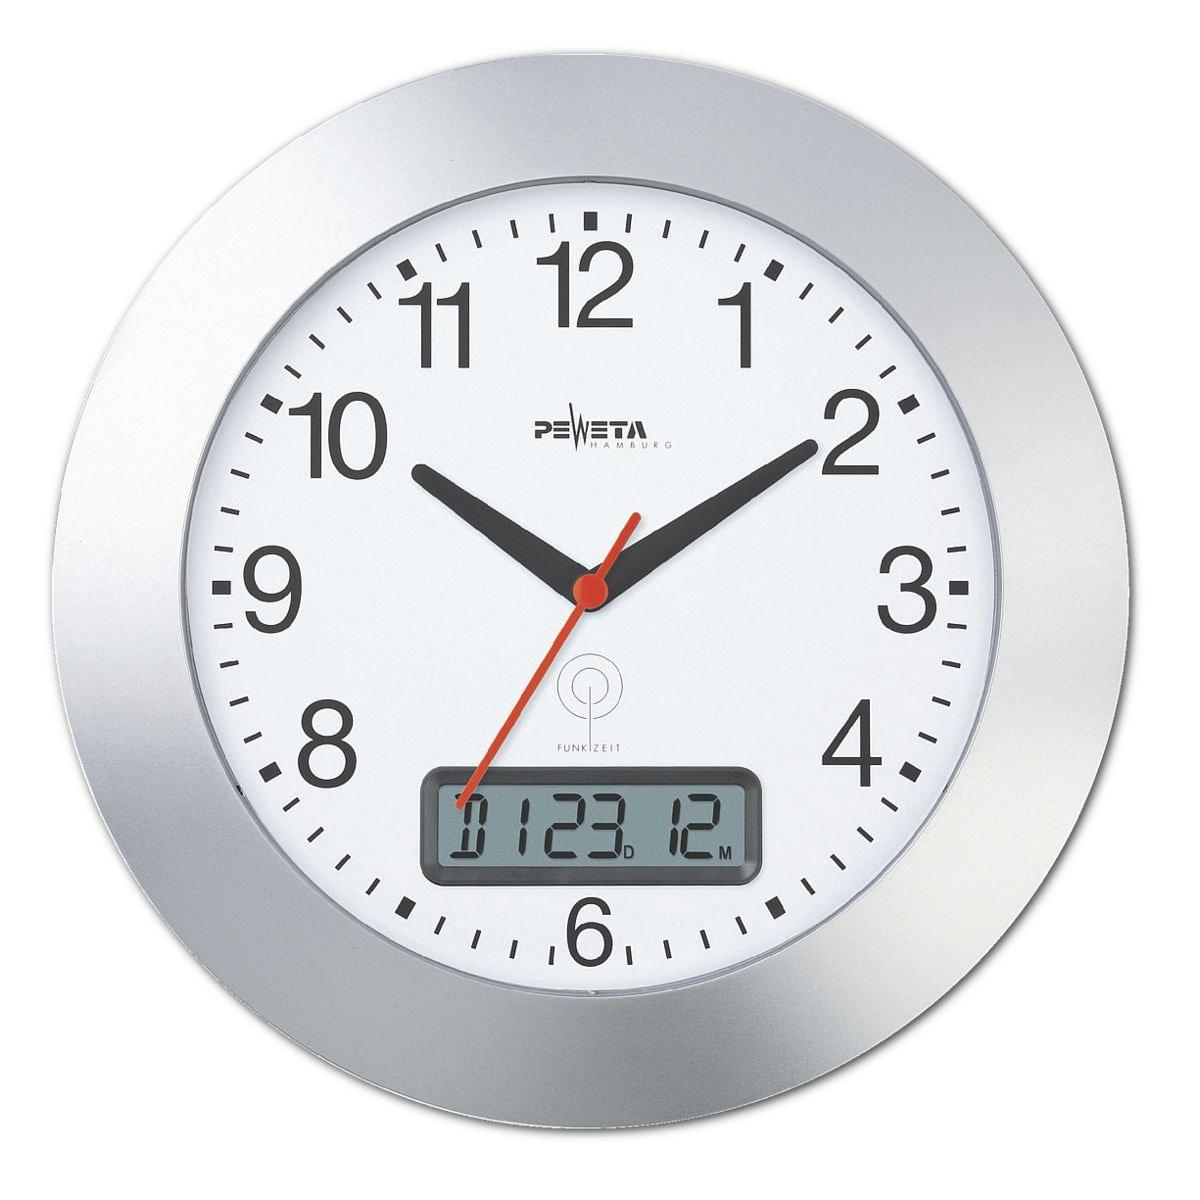 peweta uhren horloge murale radioguid e avec affichage num rique acheter prix. Black Bedroom Furniture Sets. Home Design Ideas